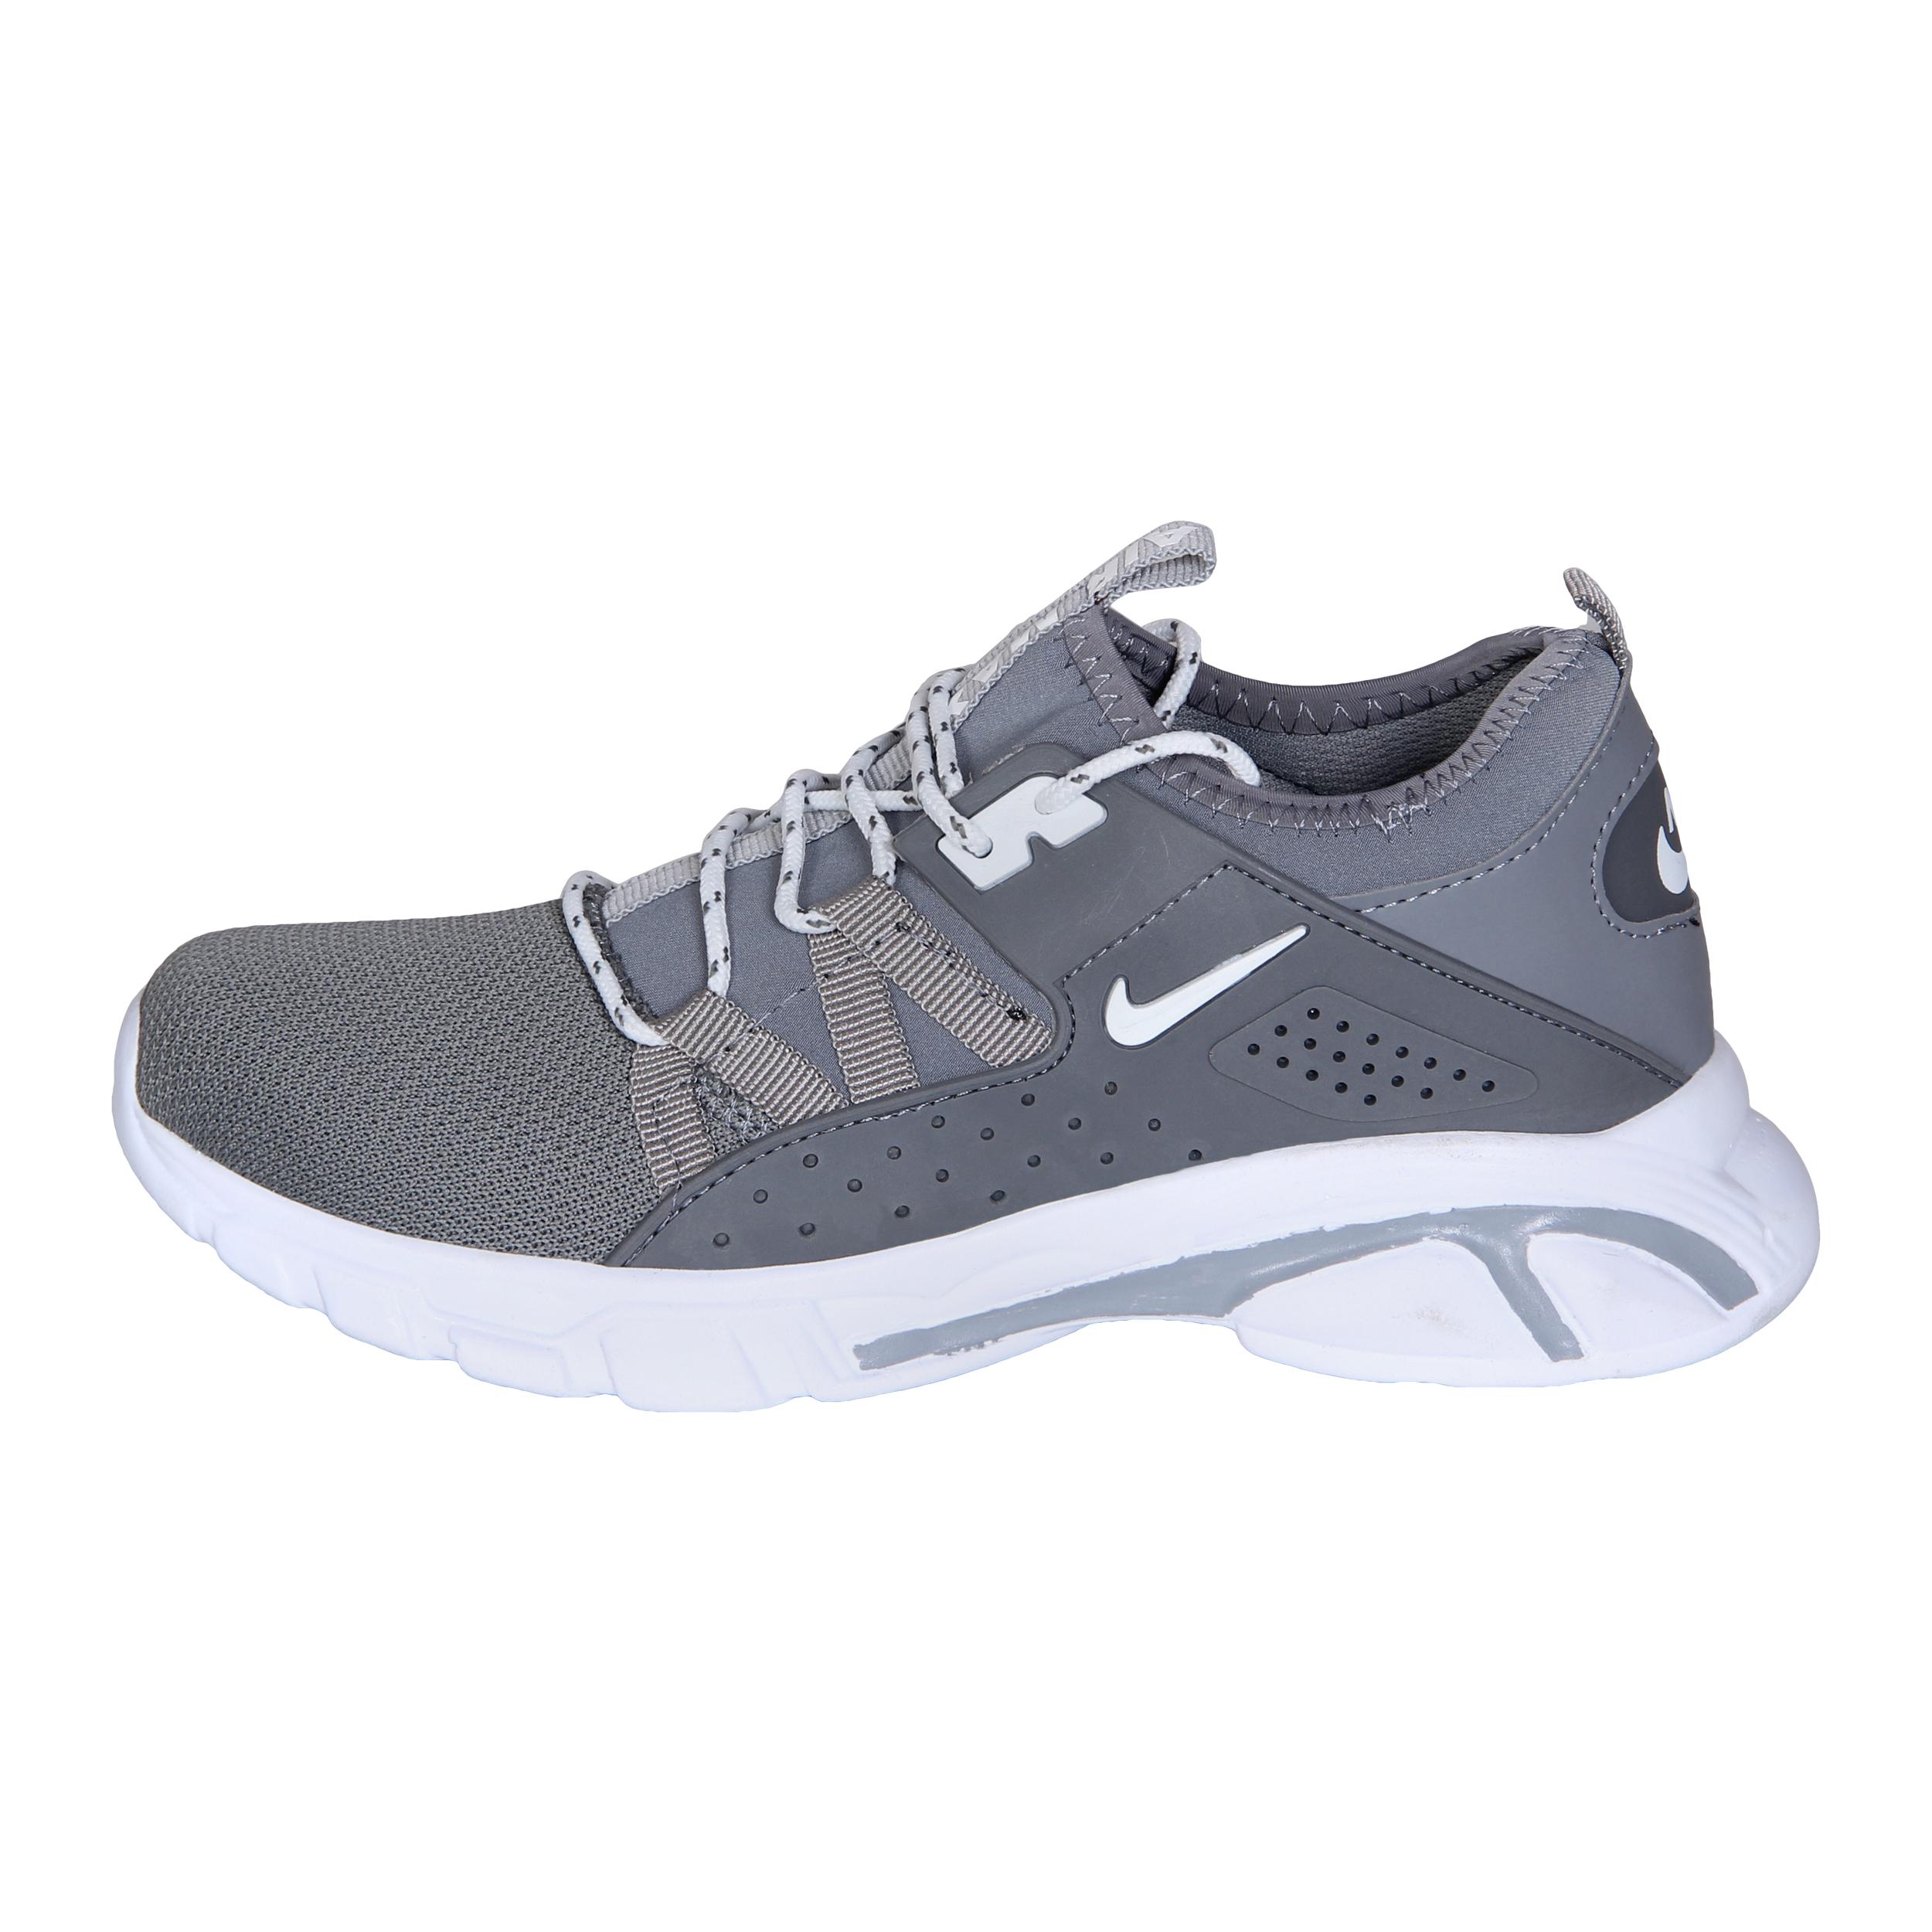 خرید                        کفش مخصوص پیاده روی مردانه کد 21-2399830              👟